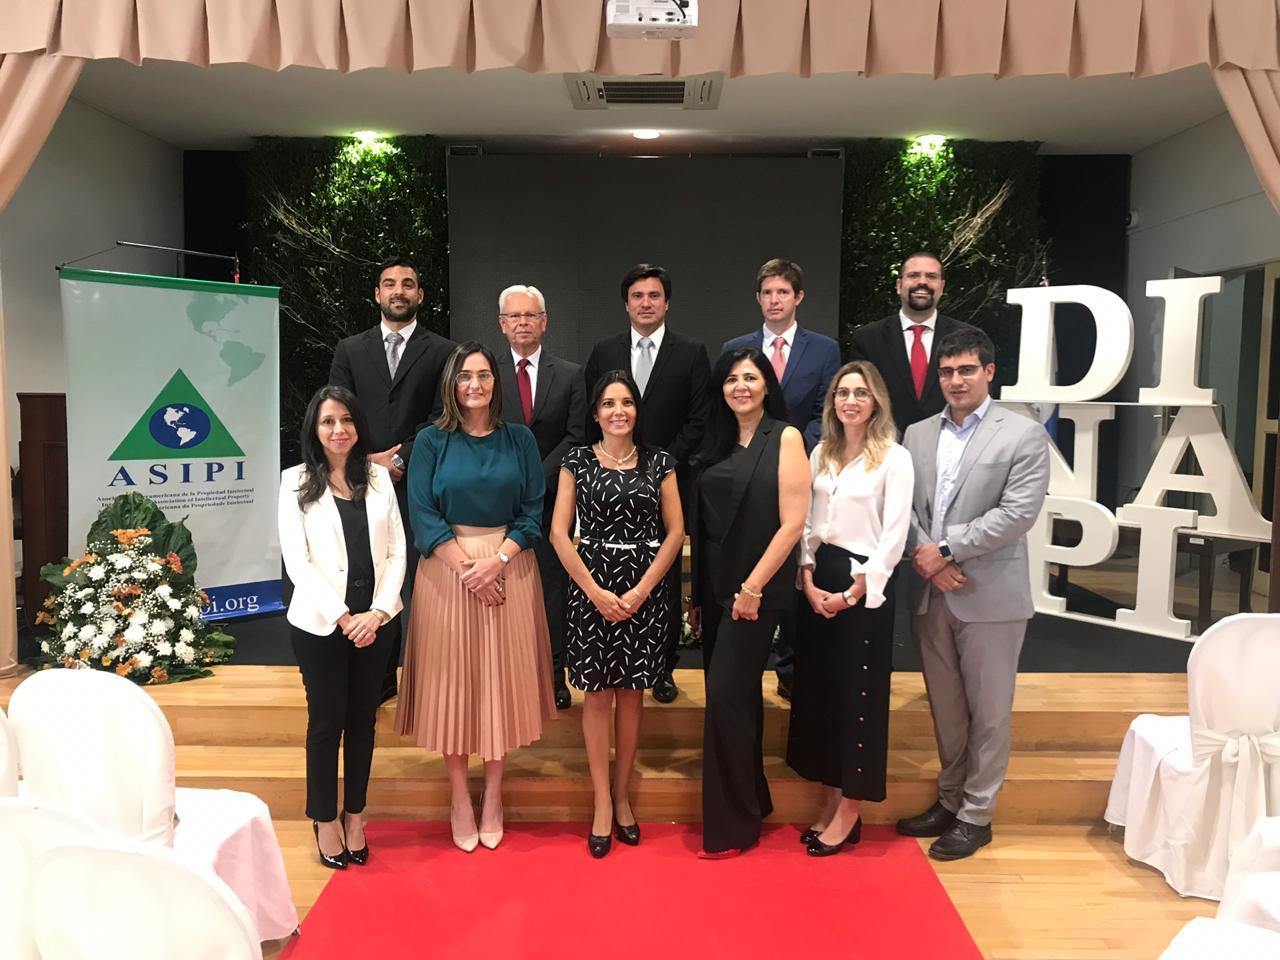 Conferencia ASIPI-DINAPI en Asunción